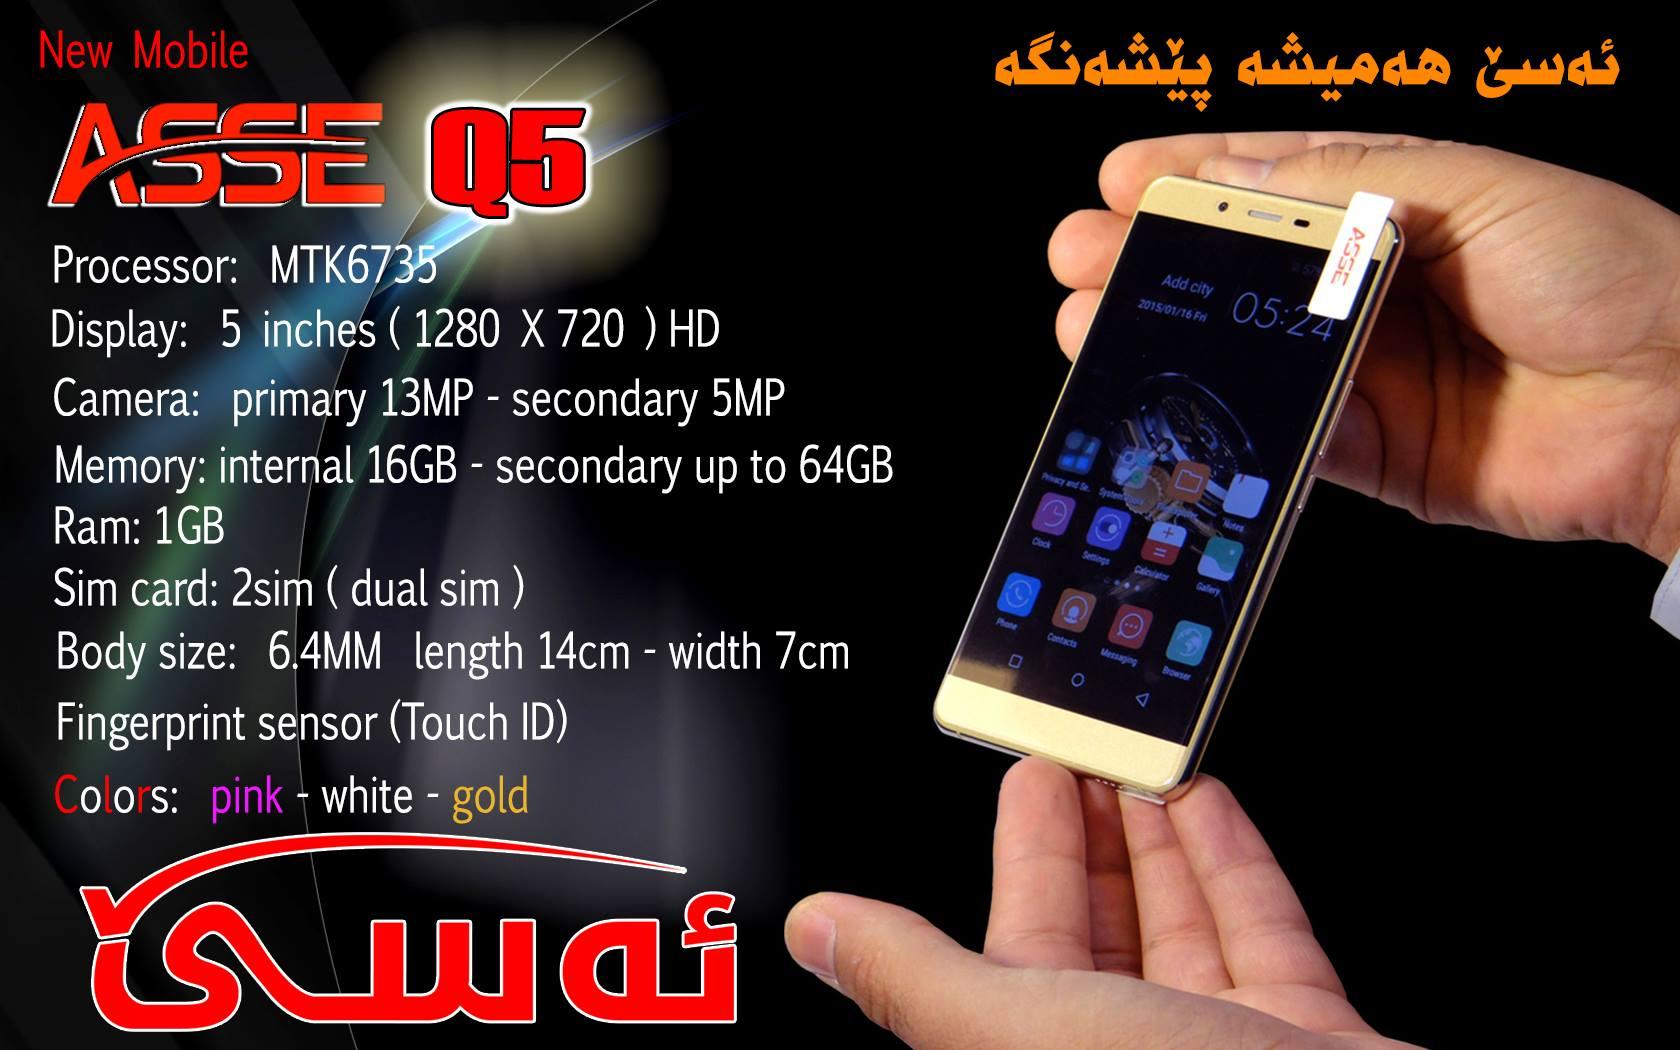 Telefono newe yê şîrketê kurdî ASSE, modelê Q5